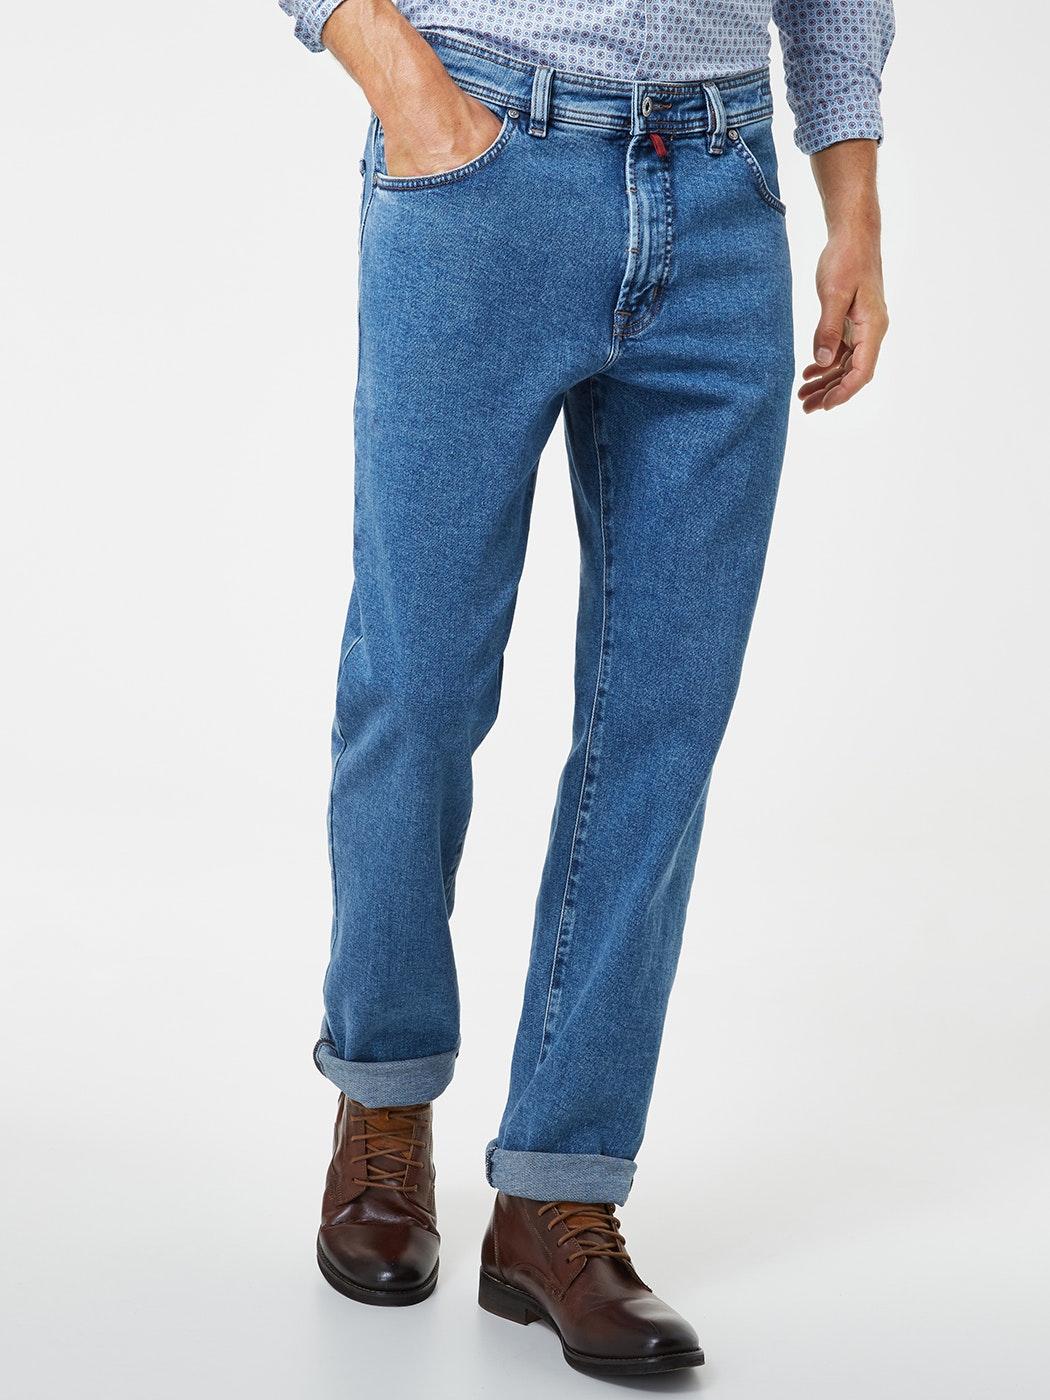 Pierre Cardin Jeans Dijon, blau